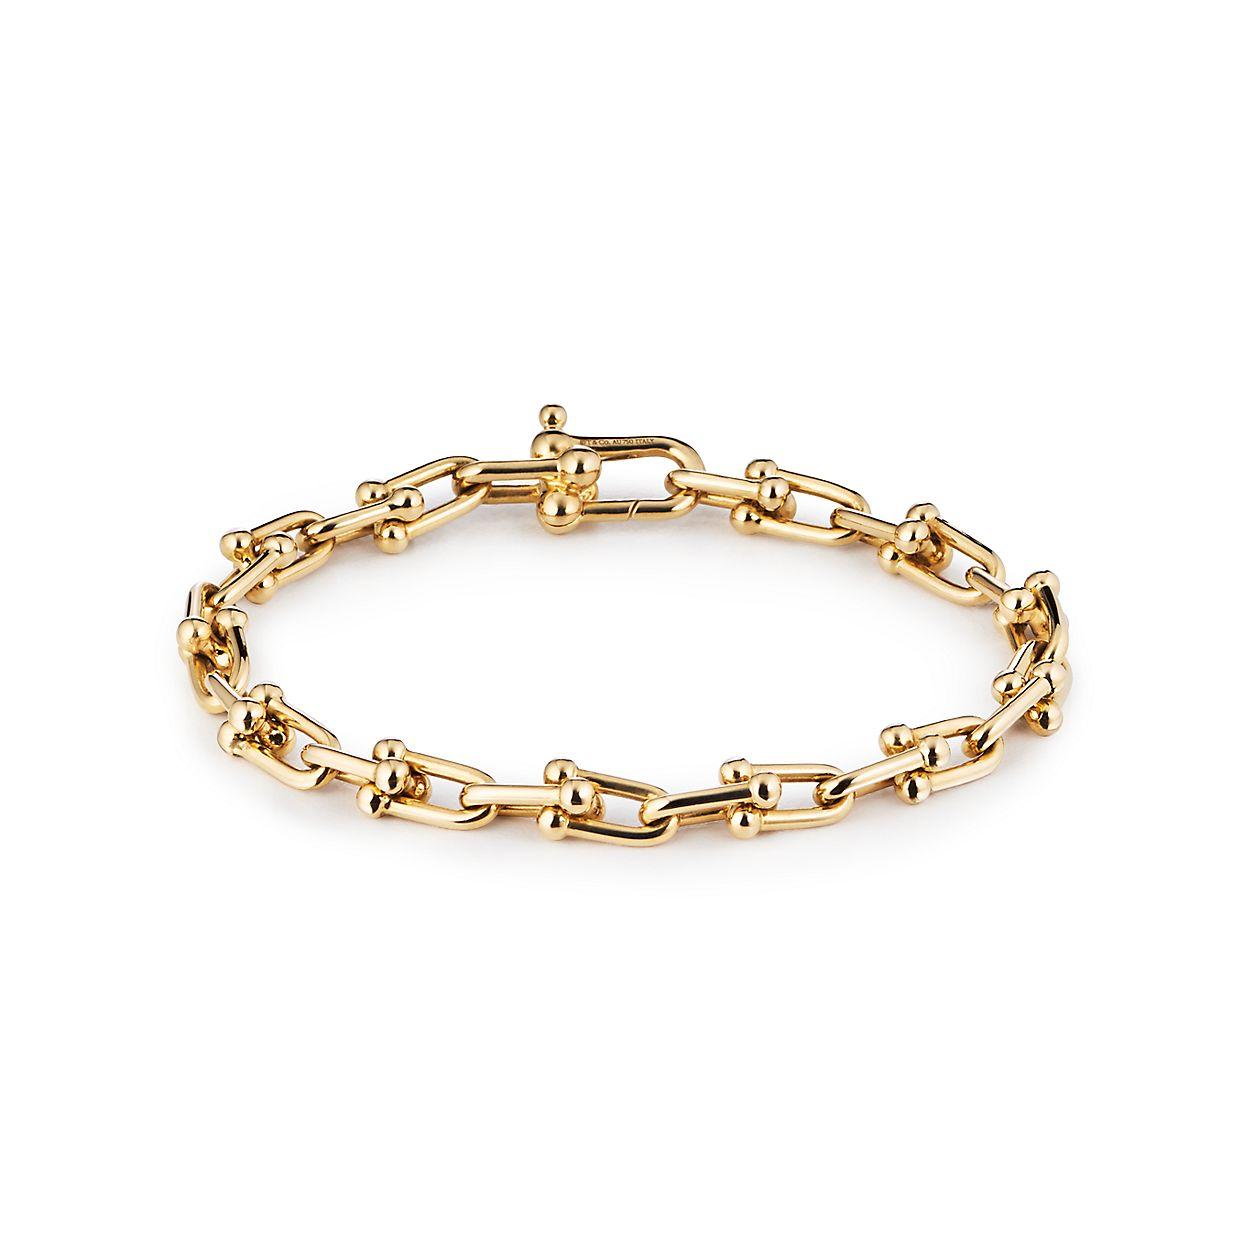 48a70fe00 Tiffany HardWear 18K Gold Link Bracelet | Tiffany & Co.